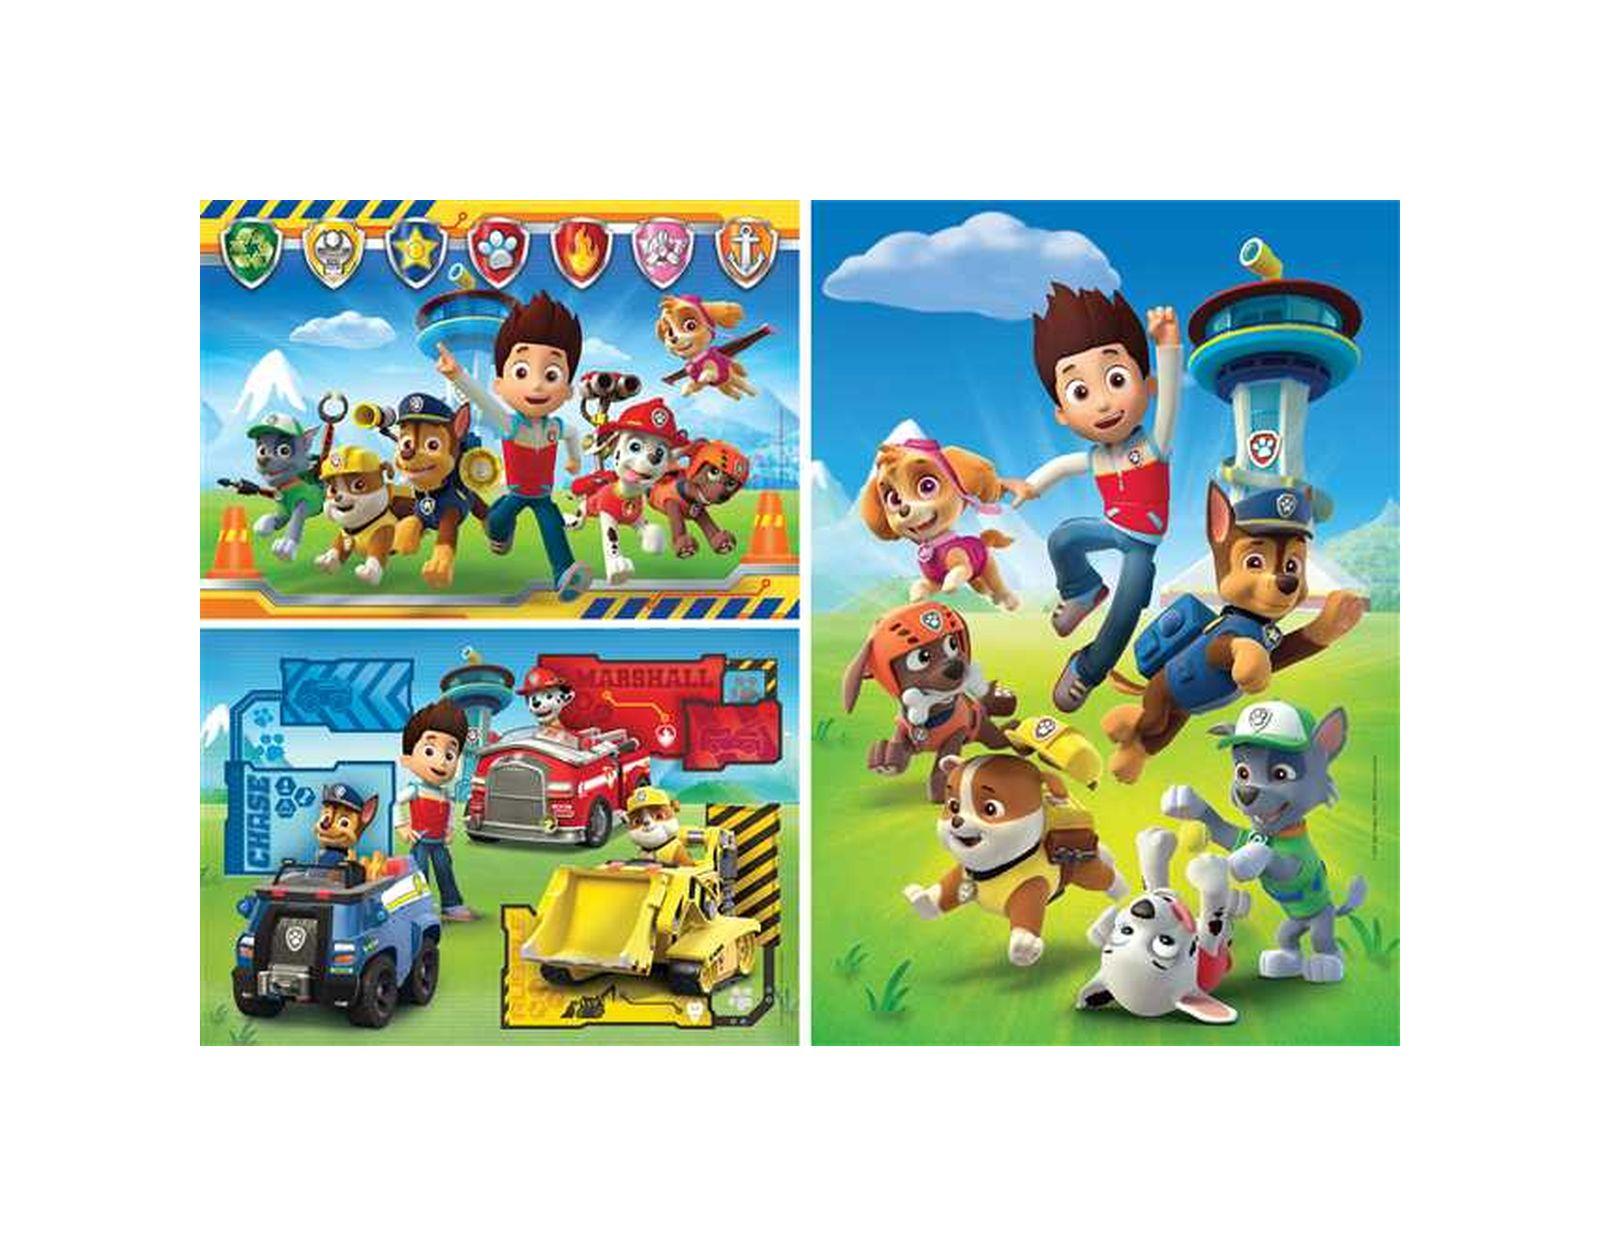 Clementoni - 25209 - supercolor puzzle - paw patrol - 3x48 pezzi -